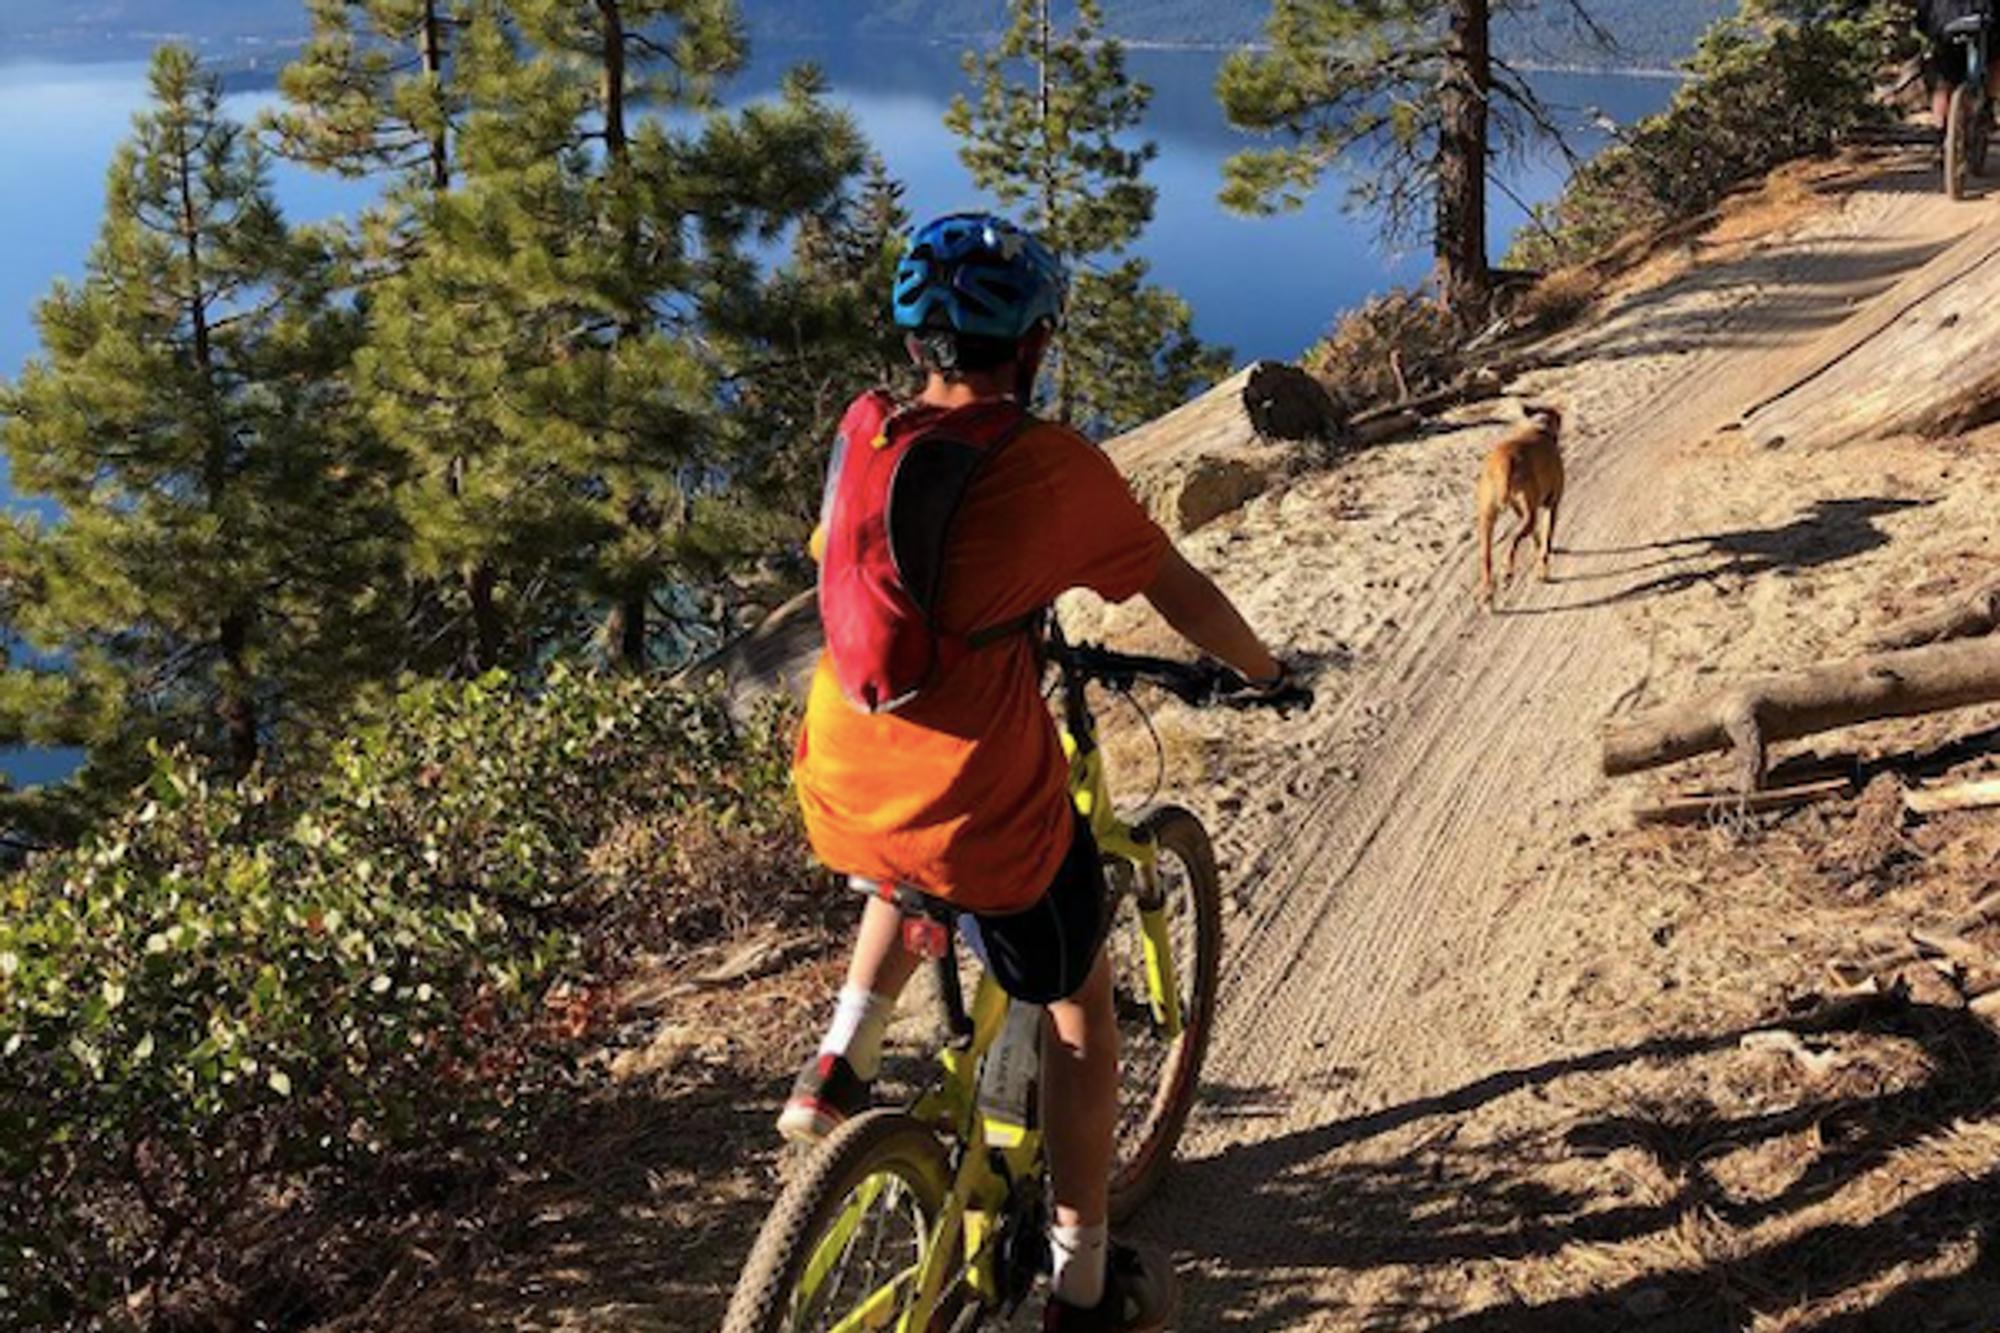 30 Fun Things to Do (Responsibly) at Lake Tahoe This Summer